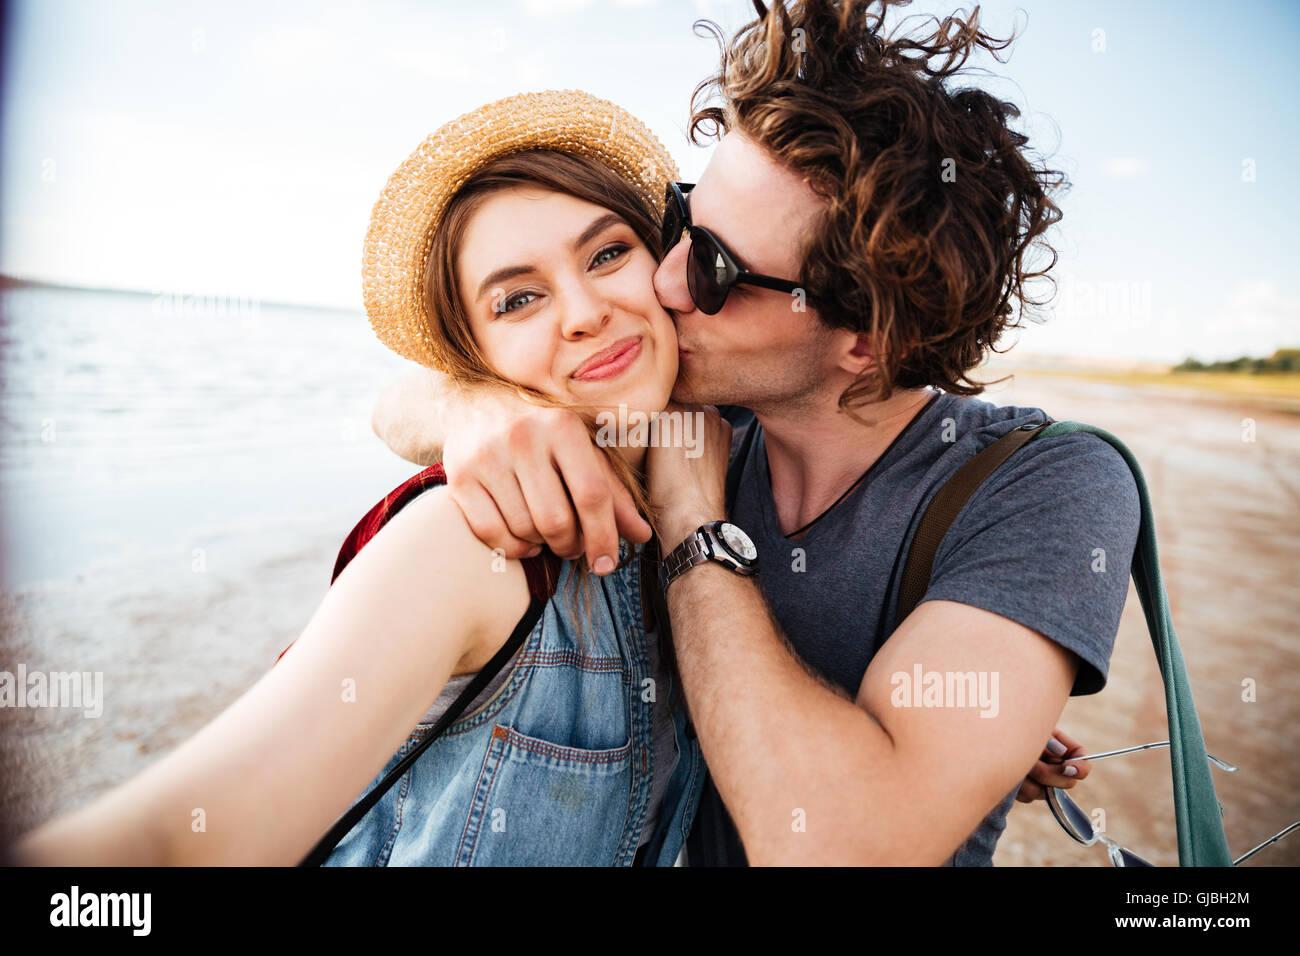 Glückliches junges Paar küssen und unter Selfie im freien Stockbild